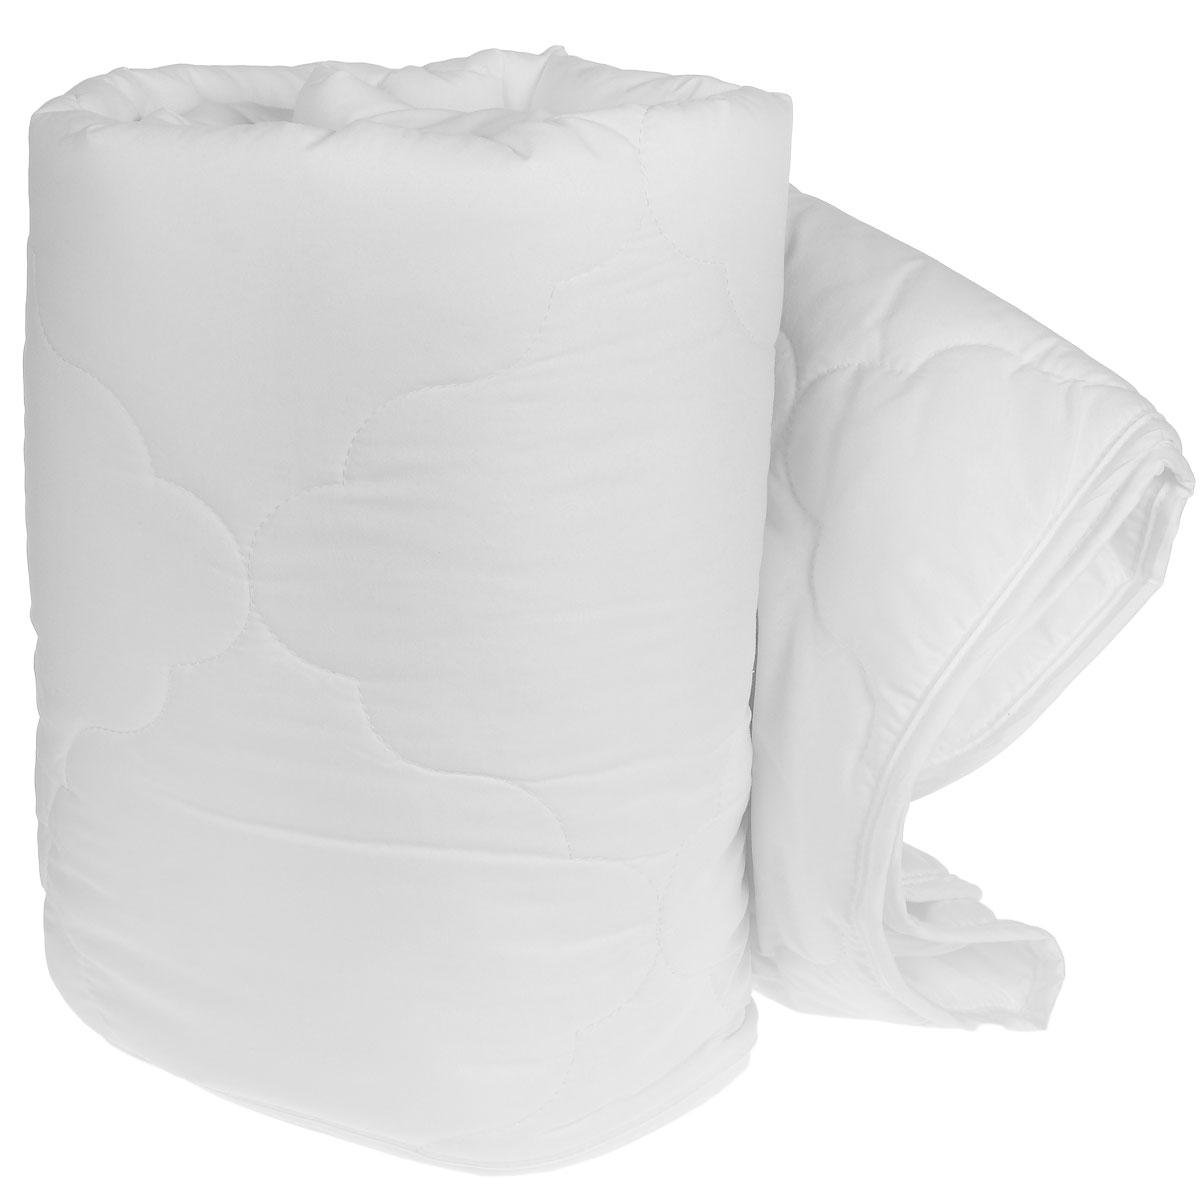 Одеяло легкое Green Line, наполнитель: бамбуковое волокно, цвет: белый, 140 см х 205 см165994Легкое одеяло Green Line подарит незабываемое чувство комфорта и уюта во время сна. Верх выполнен из ткани нового поколения из микрофиламентных нитей Ultratex. Внутри - наполнитель из бамбукового волокна. Это экологически чистый натуральный материал, который позаботится о вашем здоровье и подарит комфортный сон. Бамбук обеспечивает антибактериальную защиту и имеет оптимальную терморегуляцию. Стежка и кант по краю не позволяют наполнителю скатываться и равномерно удерживают его внутри.Одеяло легкое и тонкое - оно идеально подойдет для лета, под ним будет прохладно и комфортно спать в жару.Рекомендации по уходу:- ручная и машинная стирка при температуре 30°С,- не отбеливать,- нельзя отжимать и сушить в стиральной машине,- не гладить,- химчистка с мягкими растворителями,- сушить вертикально. Материал чехла: ткань Ultratex (100% полиэстер). Наполнитель: 50% бамбуковое волокно (100% вискоза), 50% высокоизвитое волокно (100% полиэстер).Размер: 140 см х 205 см.Вес наполнителя: 150 г/м2.